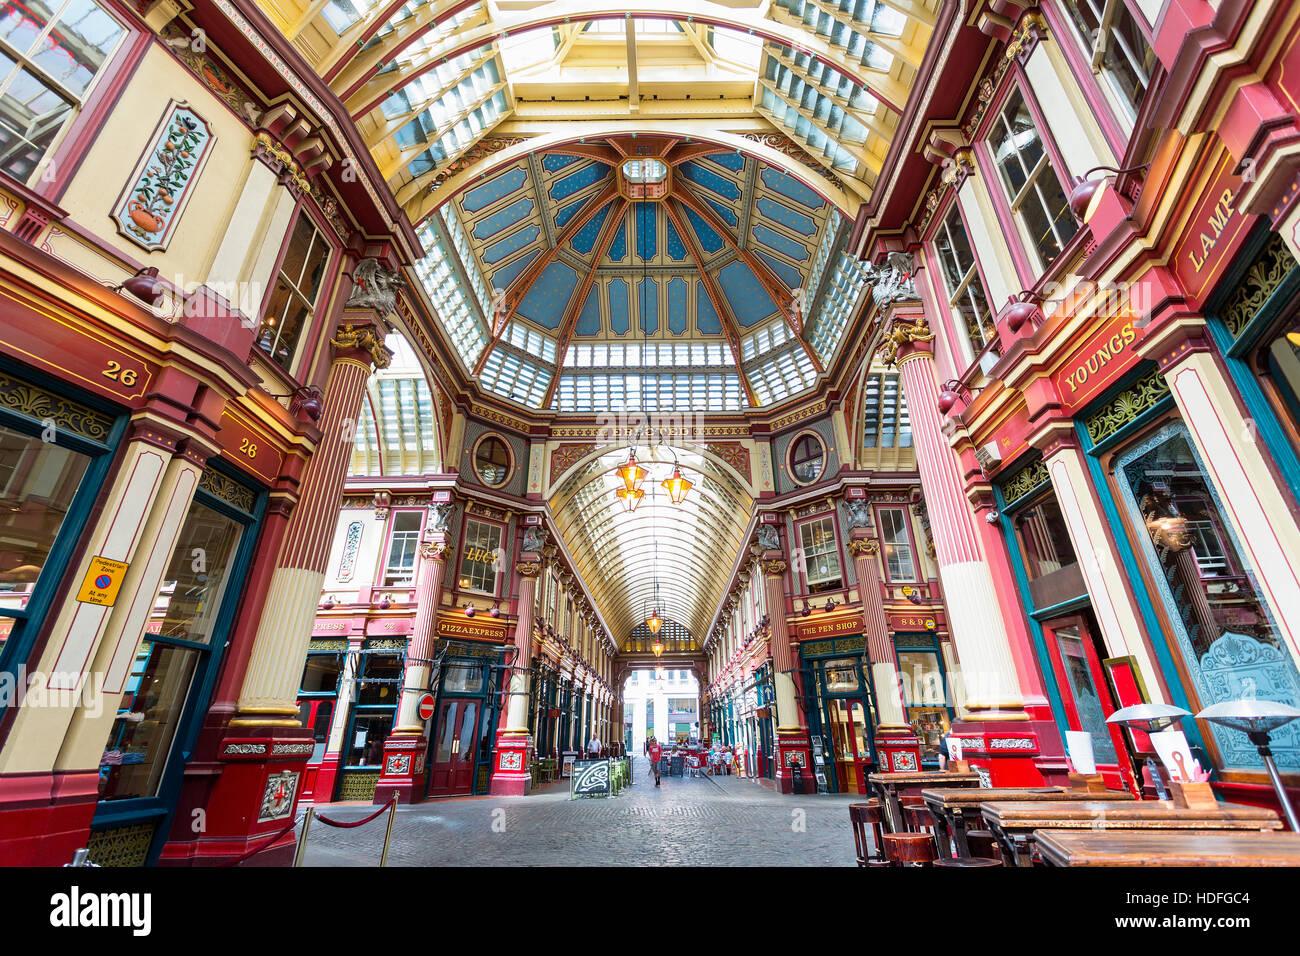 Londres - vue intérieure de Leadenhall Market, Gracechurch Street, le 25 août 20116 à Londres, au Photo Stock